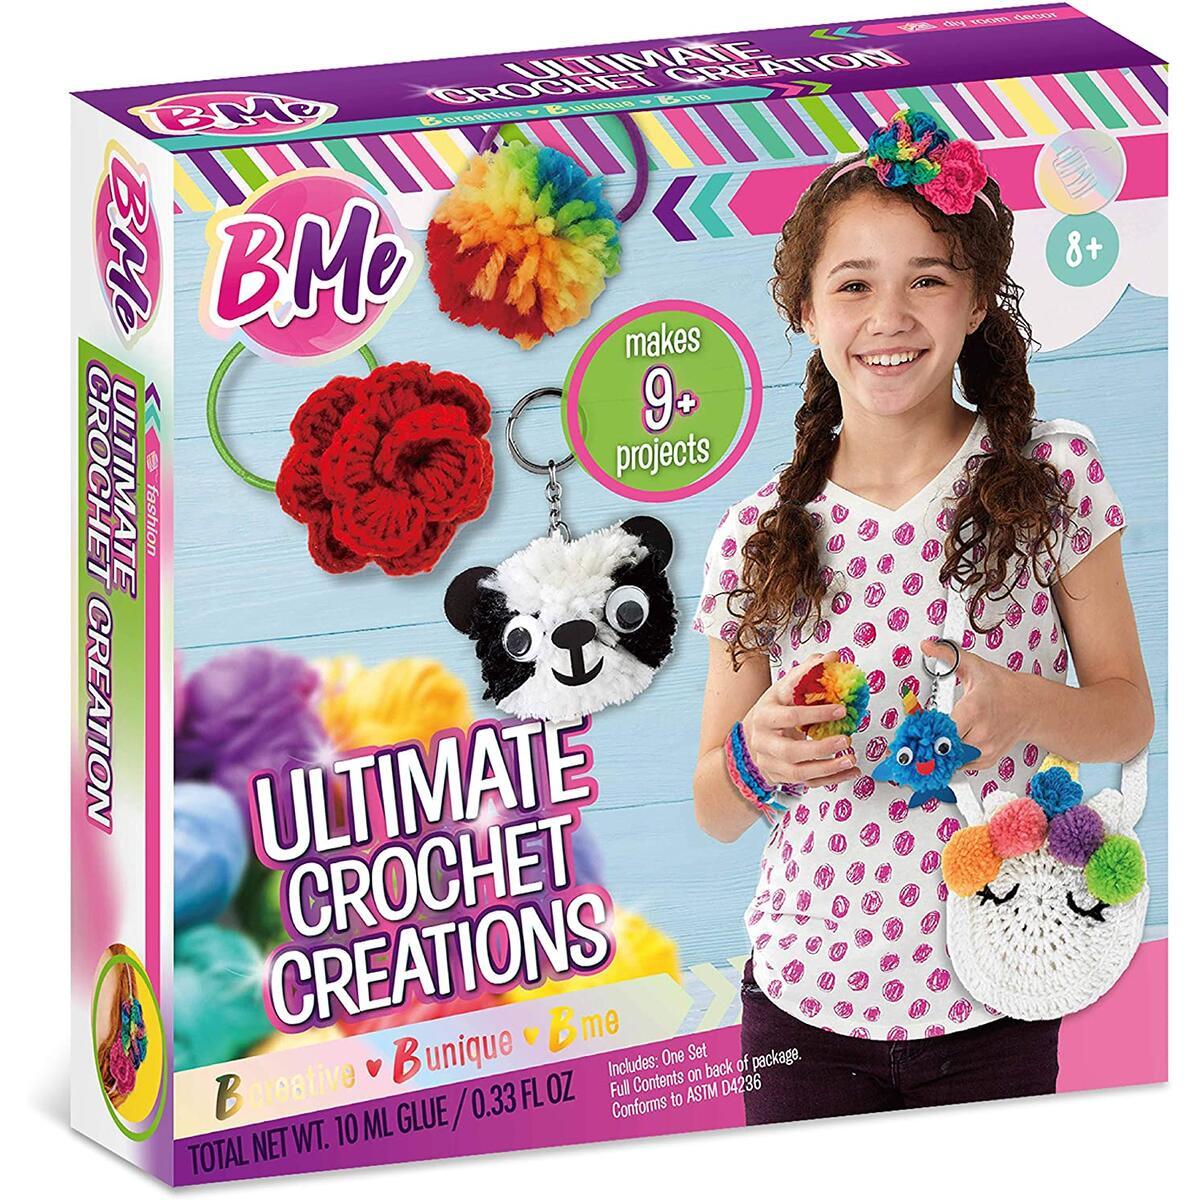 Ultimate Crochet Knitting Kit for Beginners Gift Set for Girls – Ages 8 +